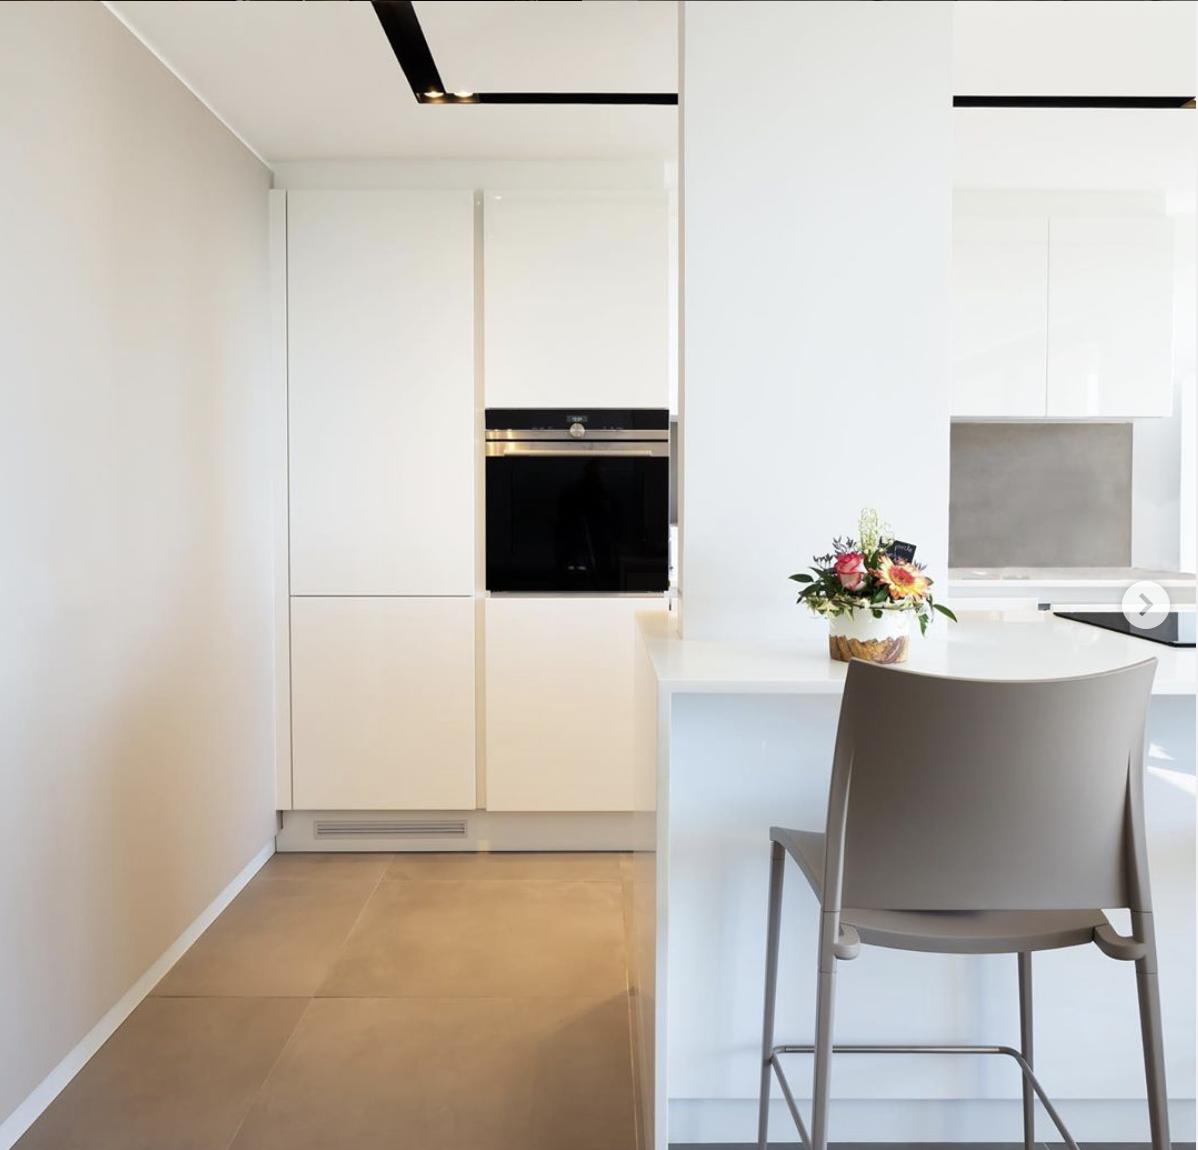 Projet De Renovation D Un Appartement En 2020 Renovation Appartement Appartement Architecture Interieure